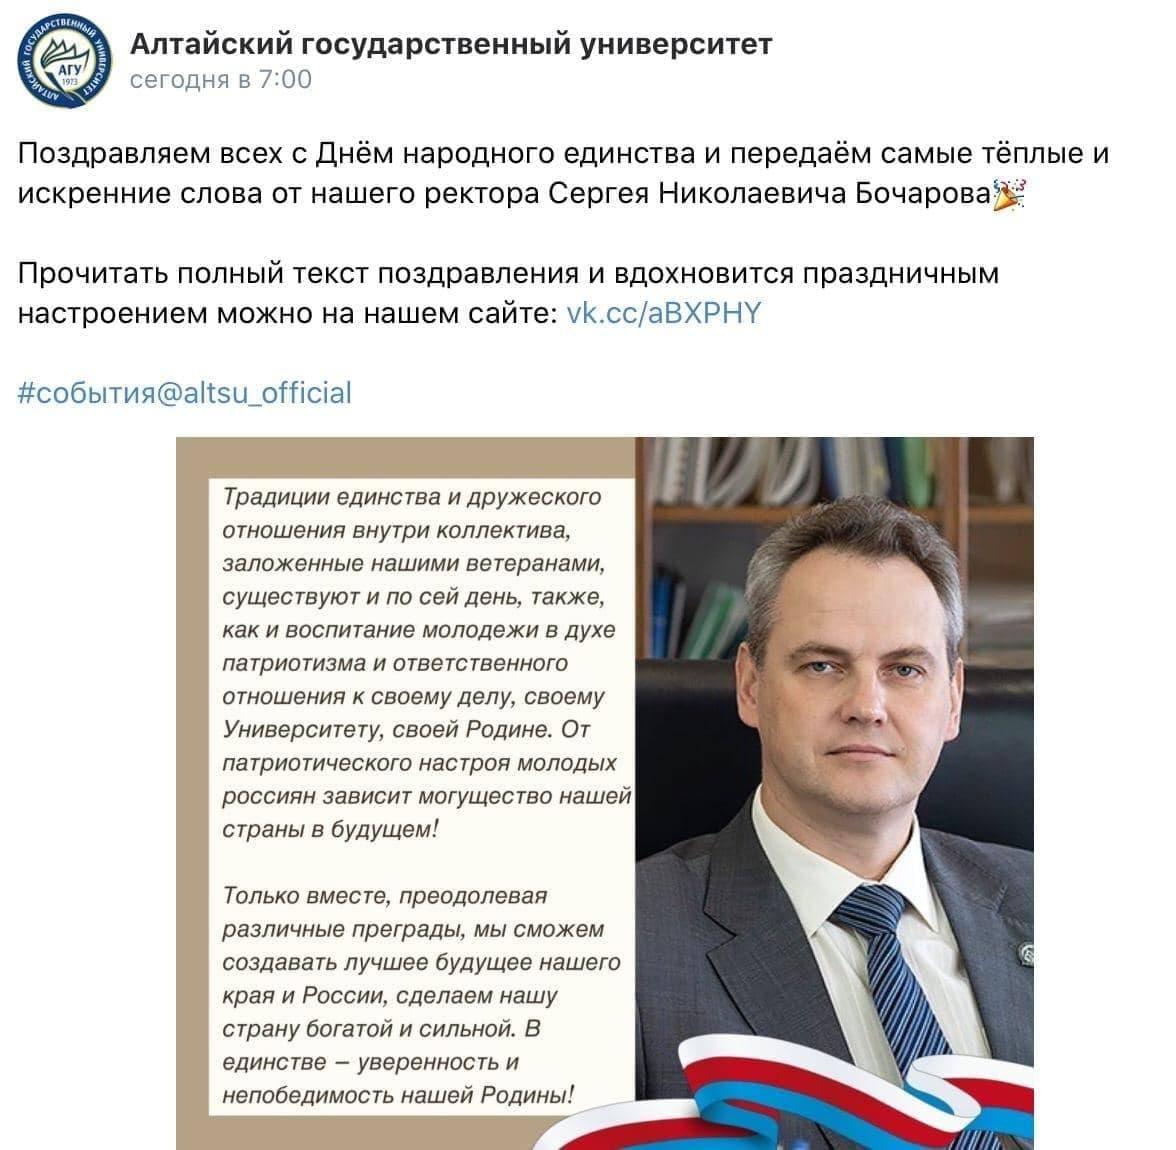 Алтайский госуниверситет избегает комментариев скандале флагом Богемии Моравии поздравлением ректора